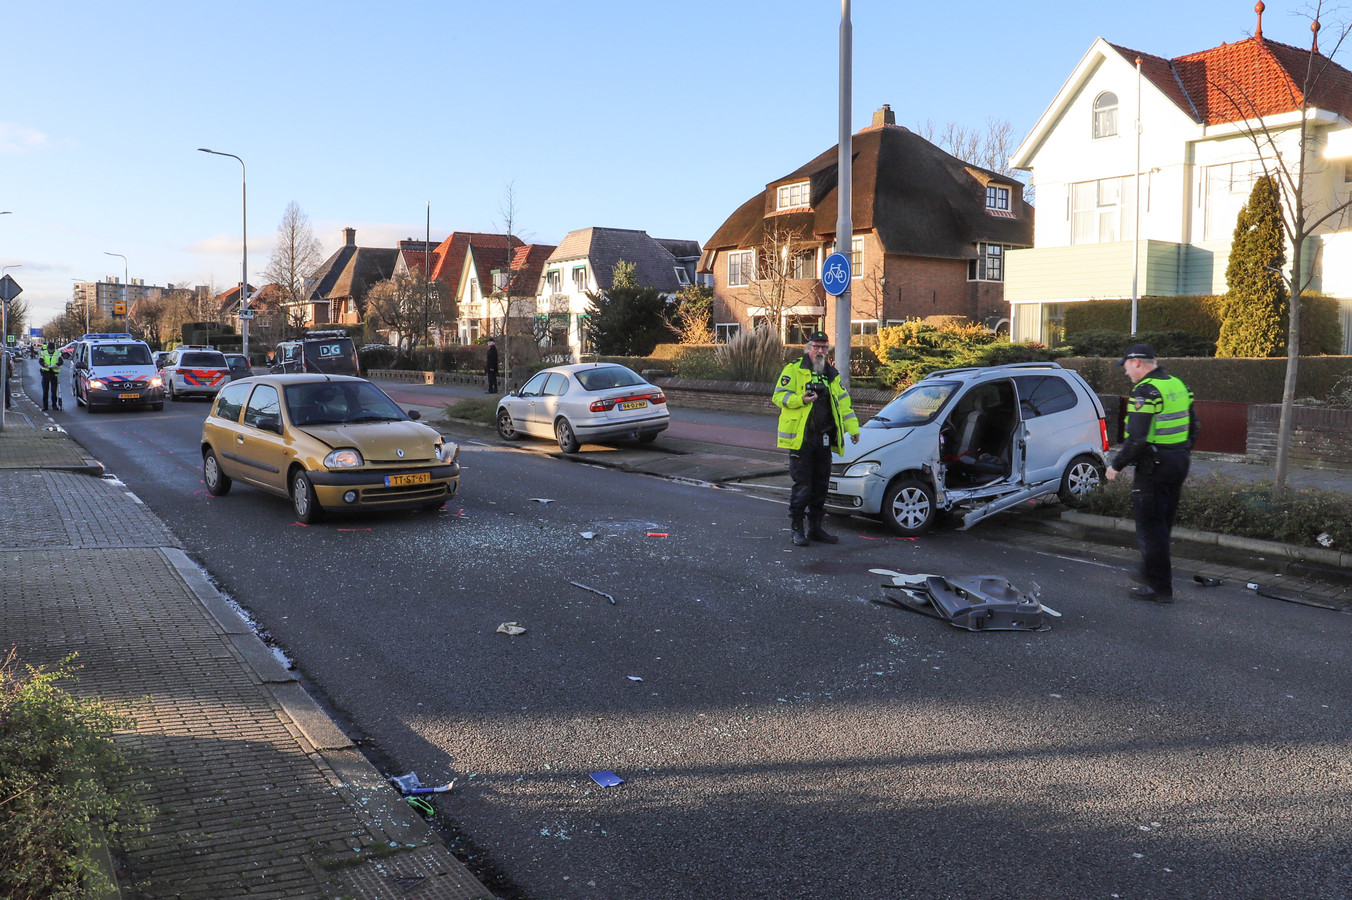 Aart Staartjes werd op de Harlingerstraatweg in Leeuwarden in zijn brommobiel aangereden door een auto.